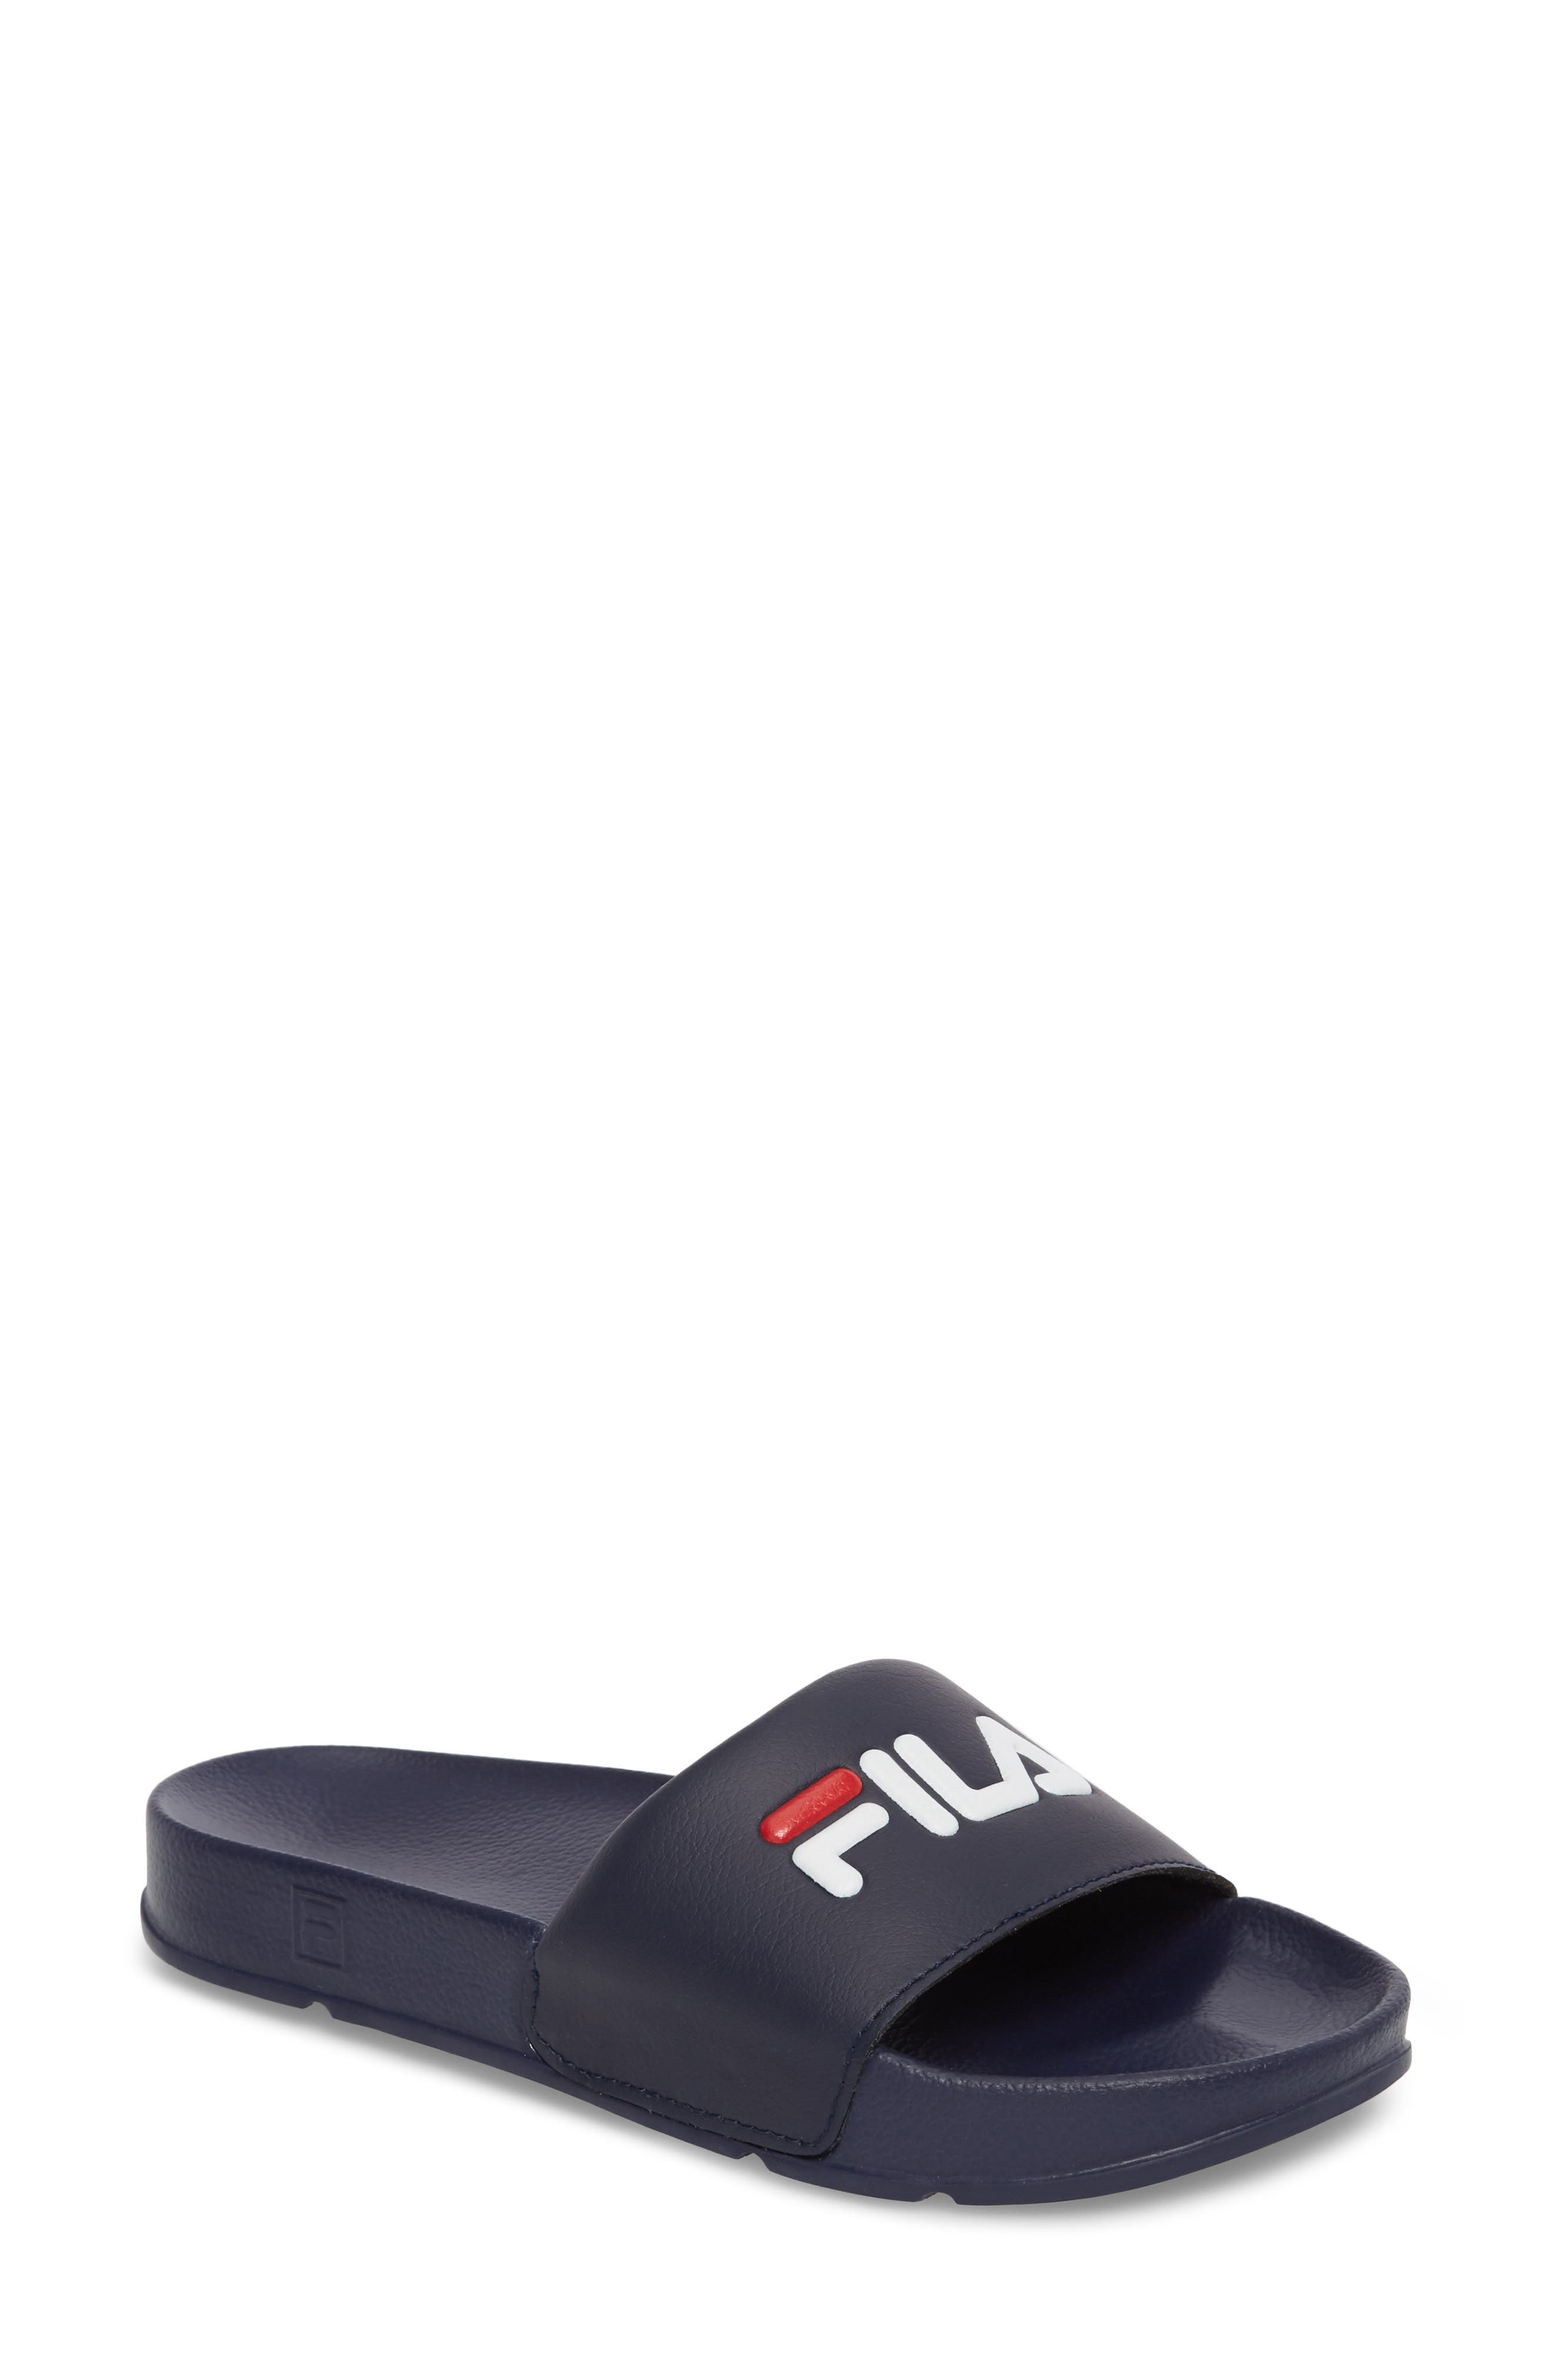 Slide Sandal,                         Main,                         color, NAVY/ RED/ WHITE